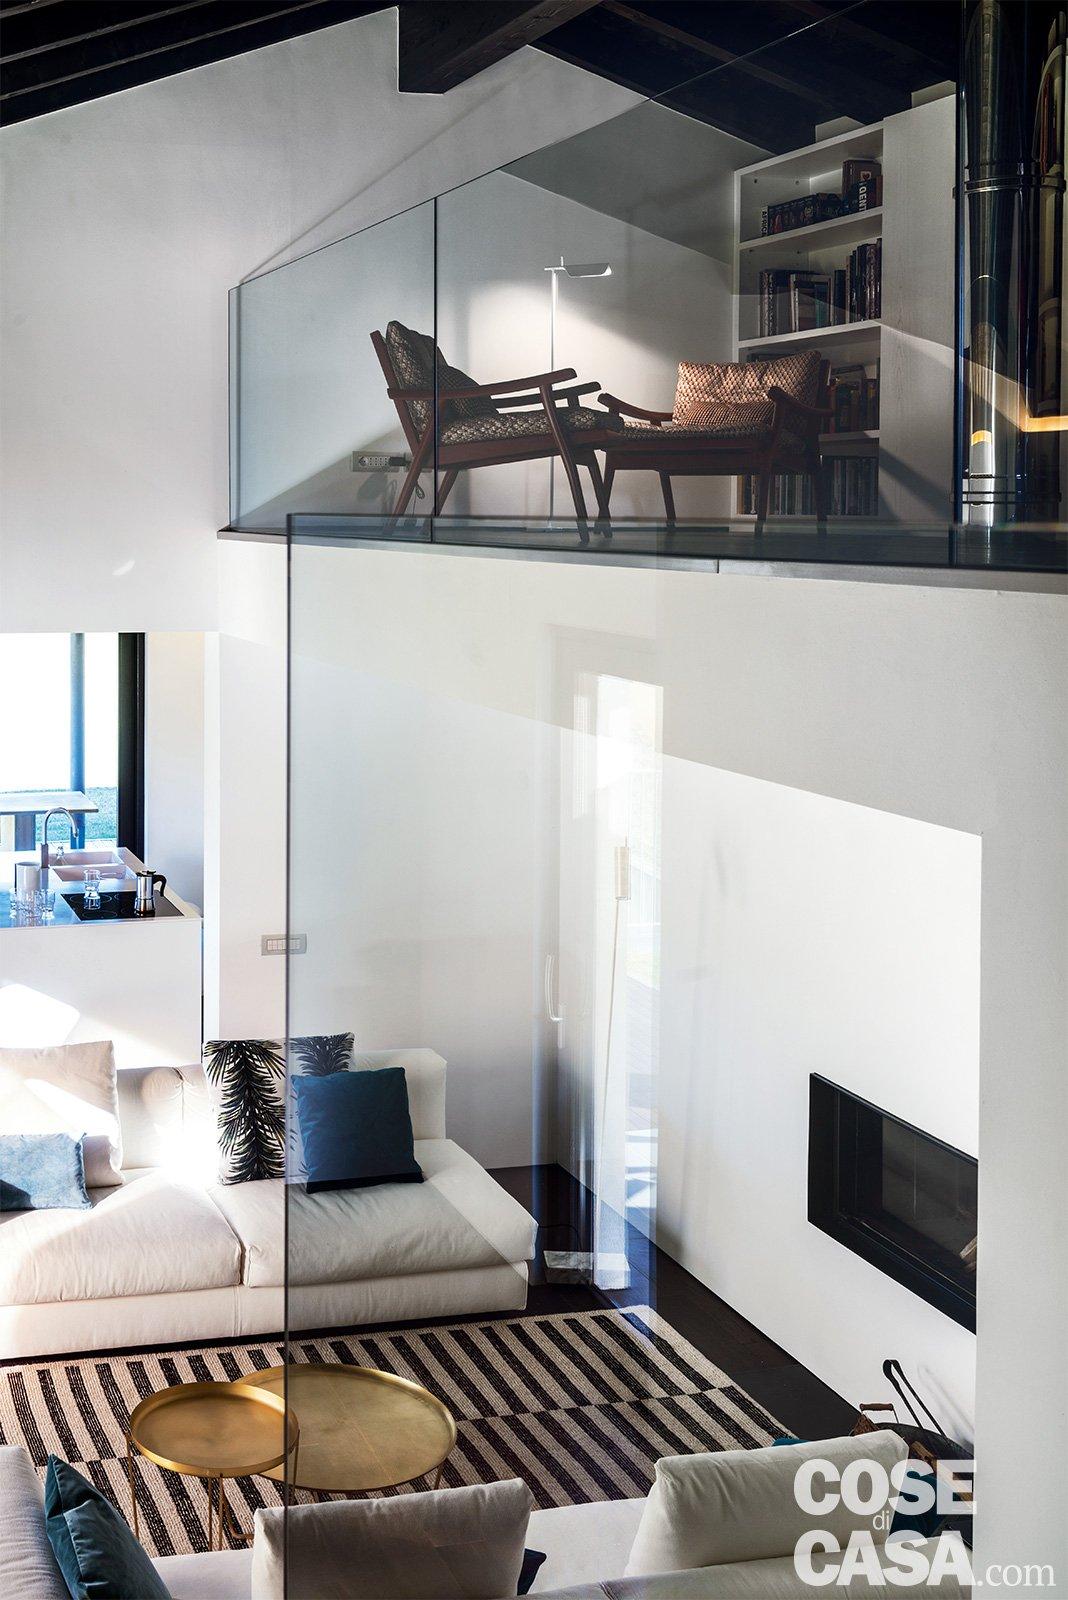 145 mq terra tetto ampi volumi a doppia altezza come in for Arredamento per sottotetto